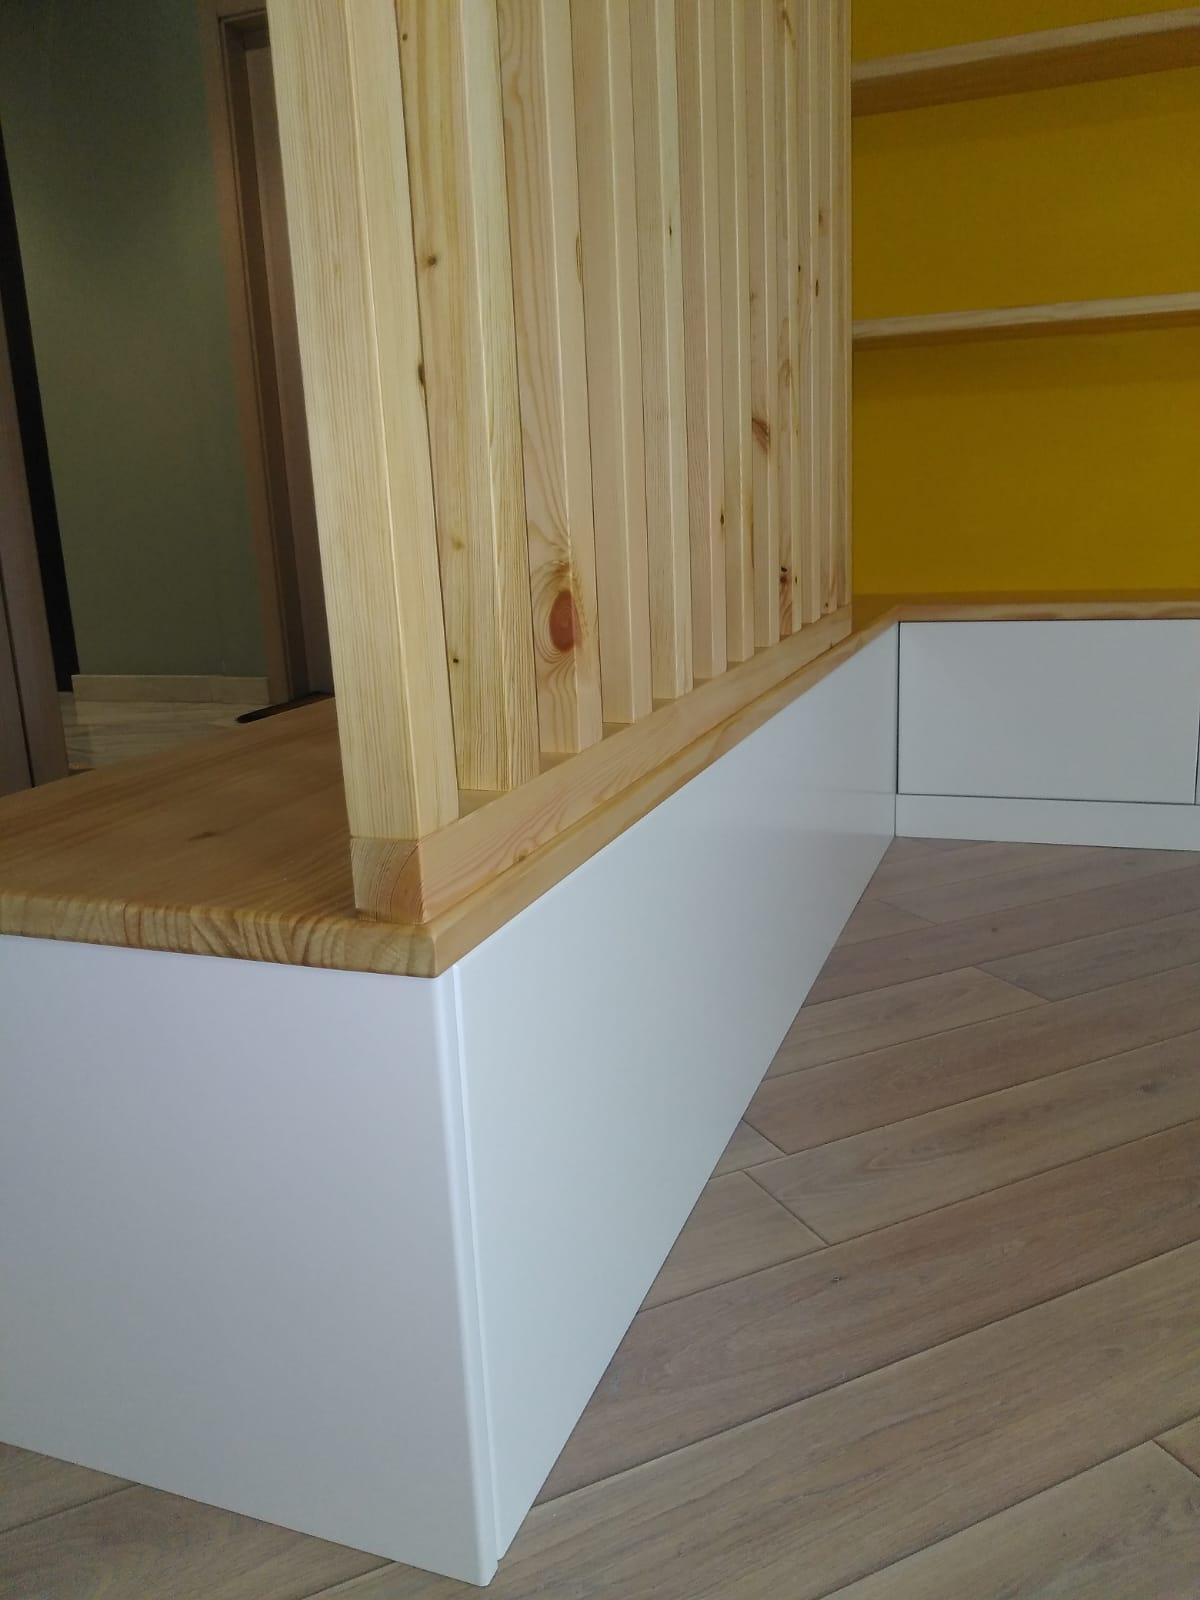 Proyecto Mueble Funcional Diseño De Mobiliario A Medida: Proyecto «Mobiliario A Medida Para Entrada»